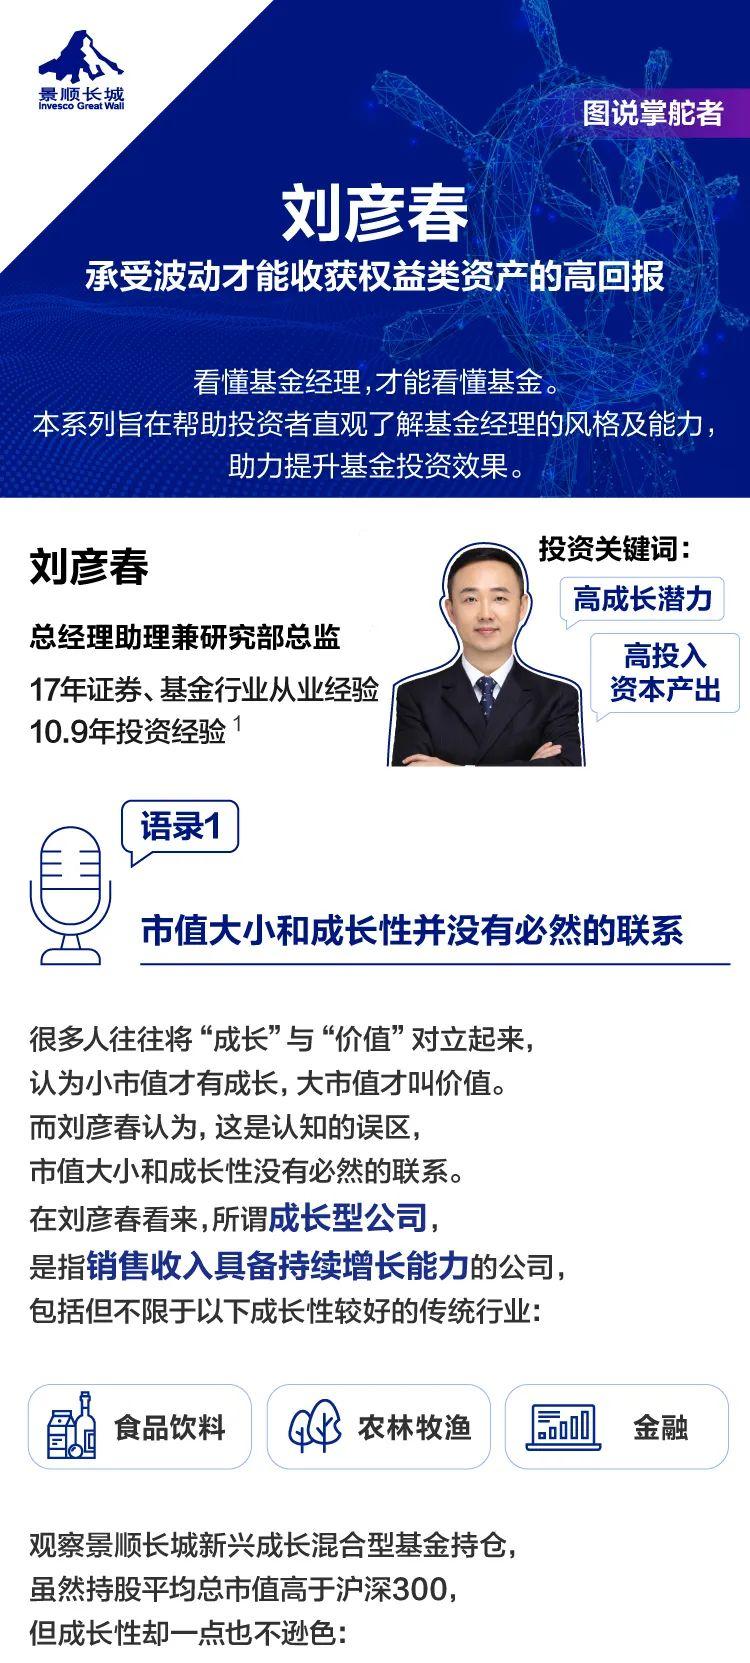 图说掌舵者|刘彦春:承受波动才能收获权益类资产的高回报